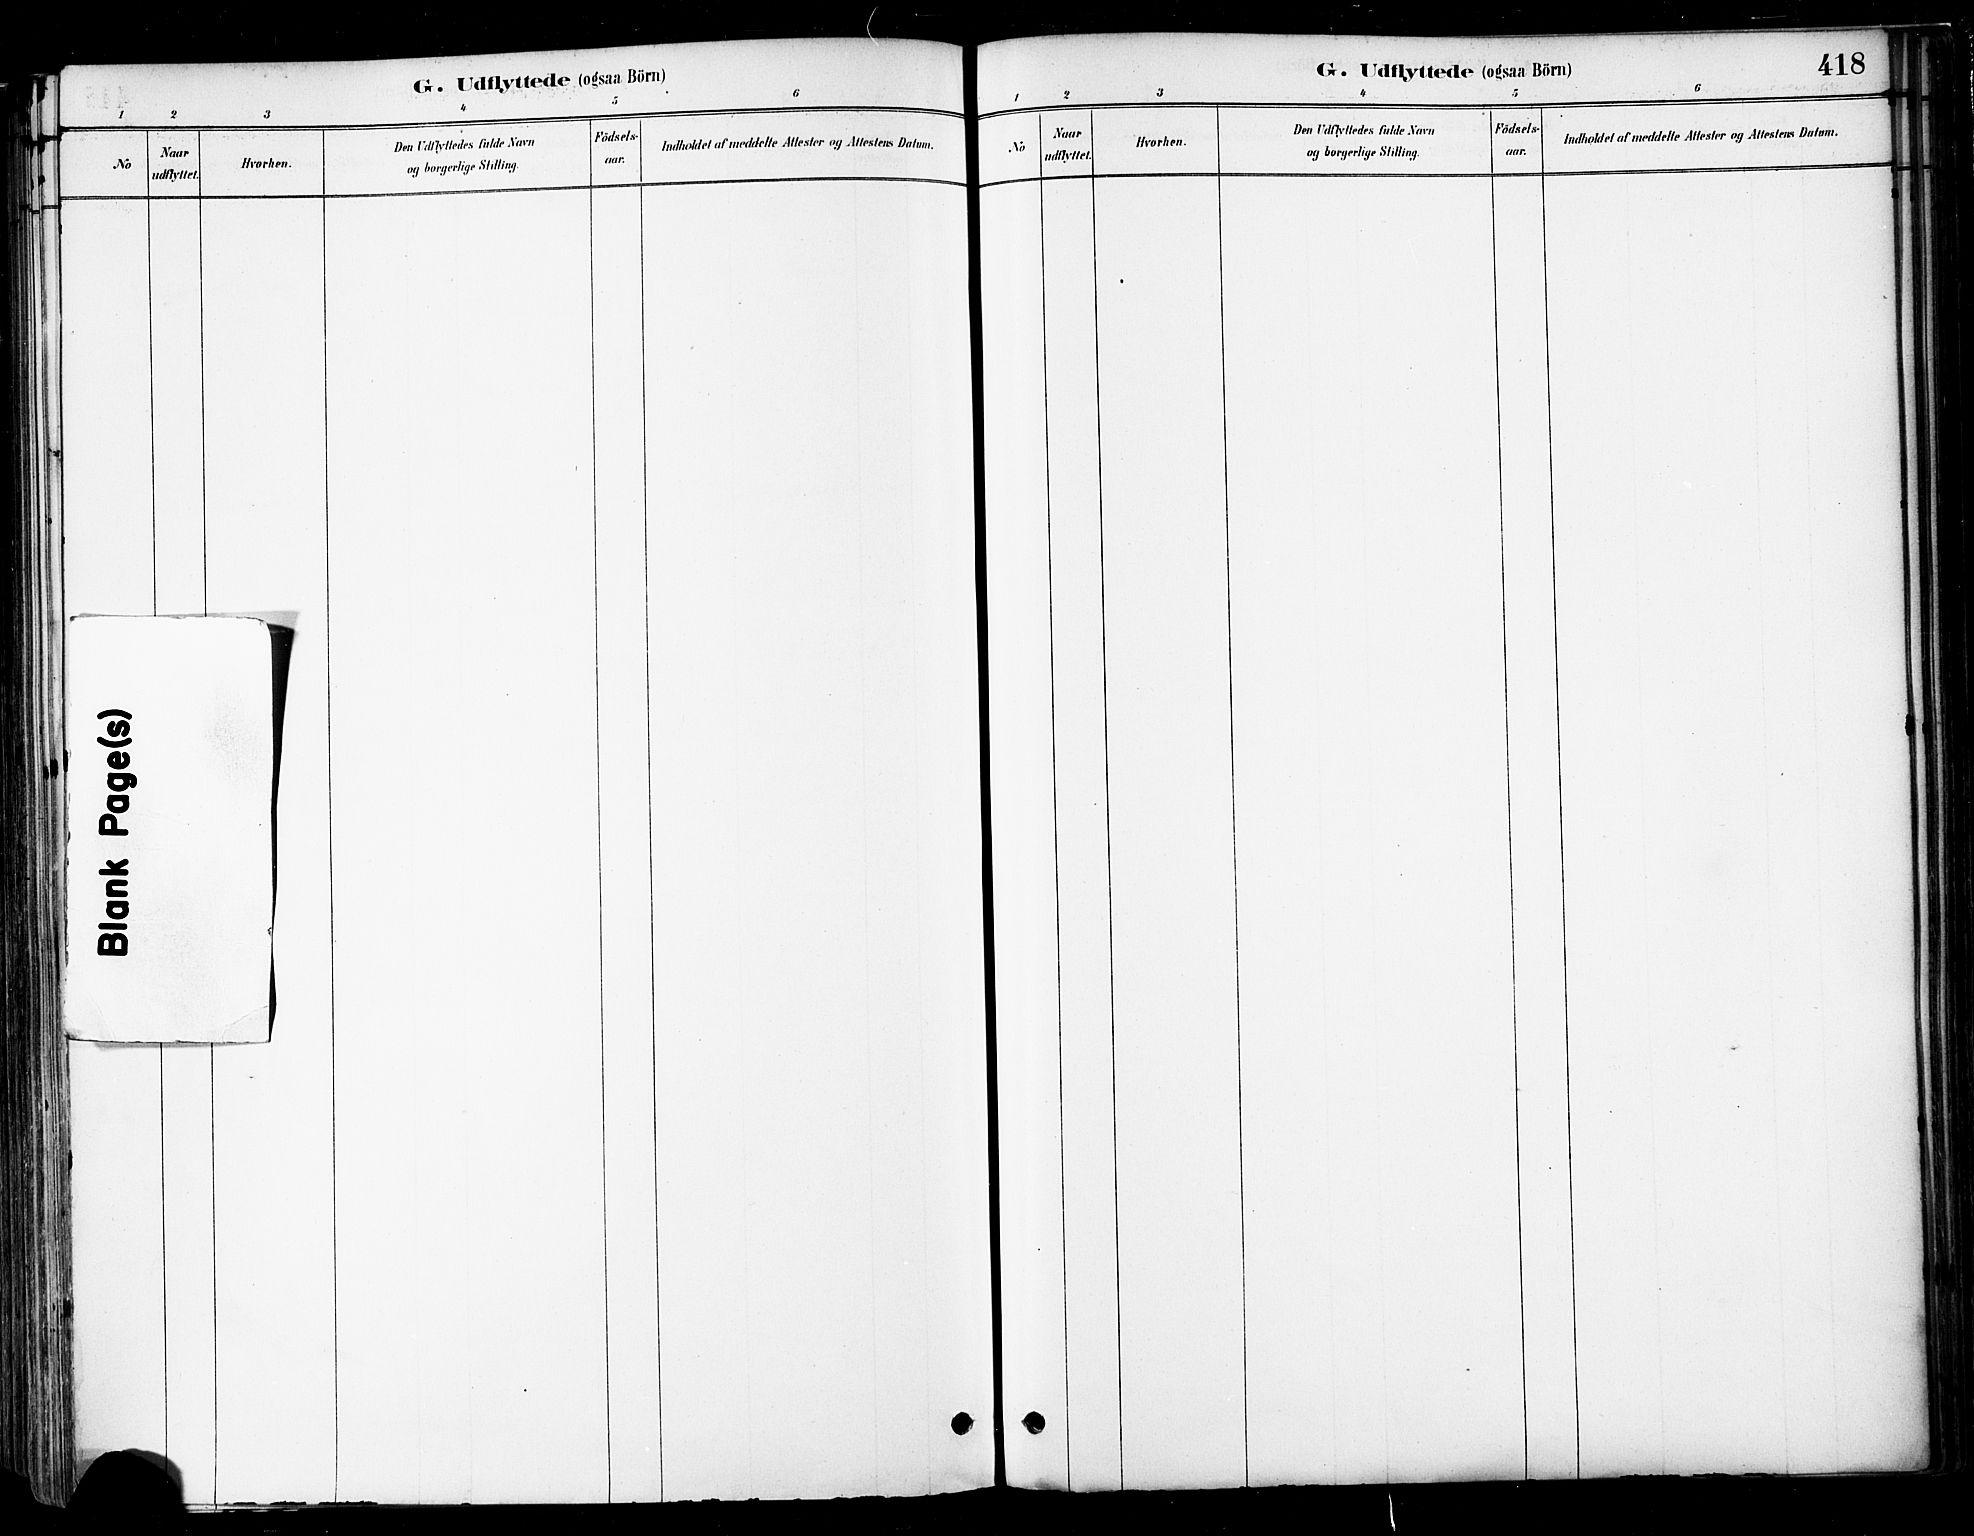 SAT, Ministerialprotokoller, klokkerbøker og fødselsregistre - Nordland, 802/L0054: Parish register (official) no. 802A01, 1879-1893, p. 418